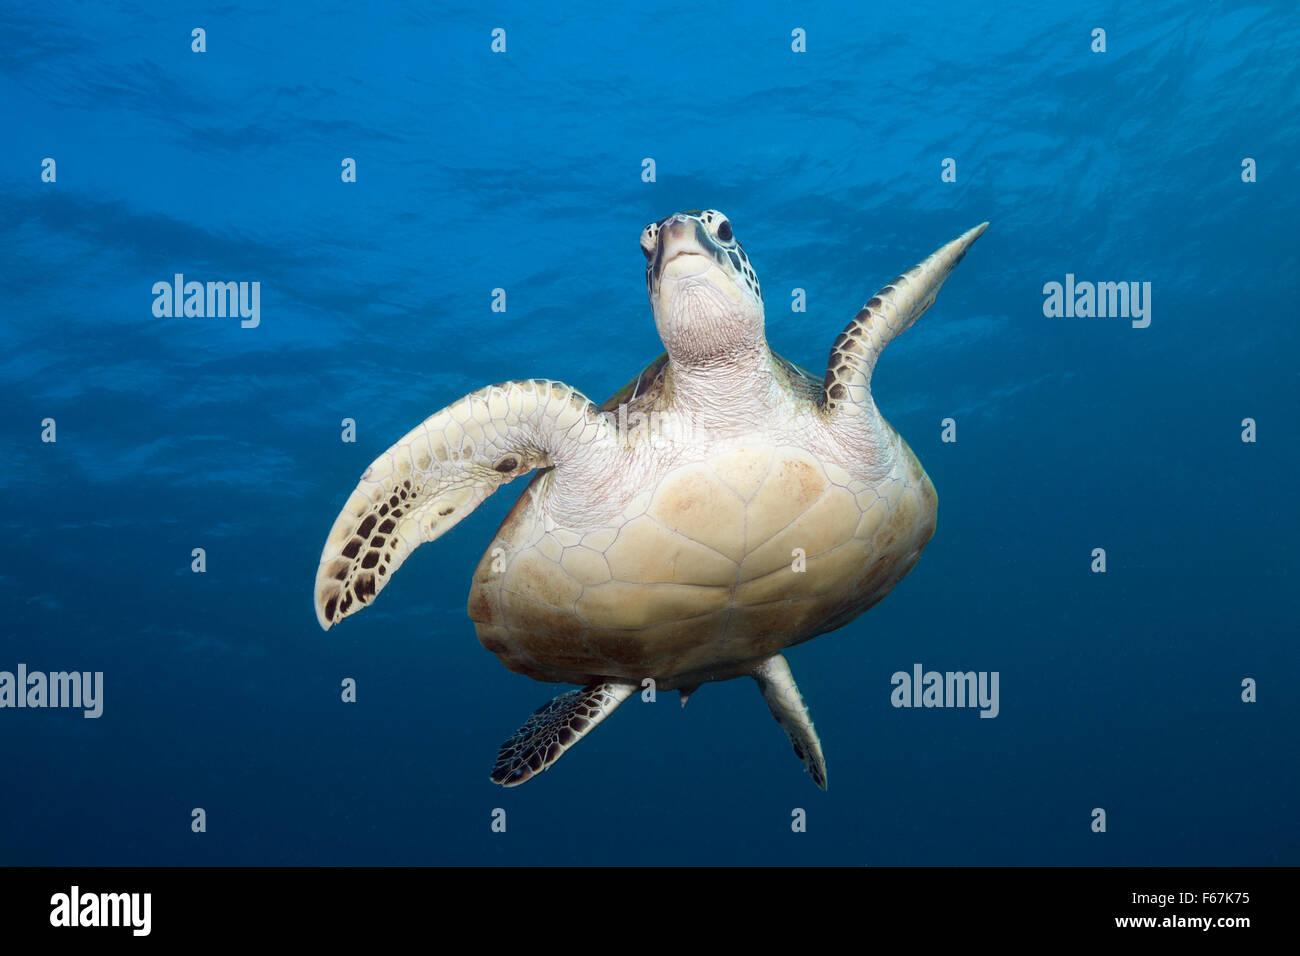 Tortugas marinas verdes, Chelonia mydas, el Parque Nacional de Komodo (Indonesia) Imagen De Stock